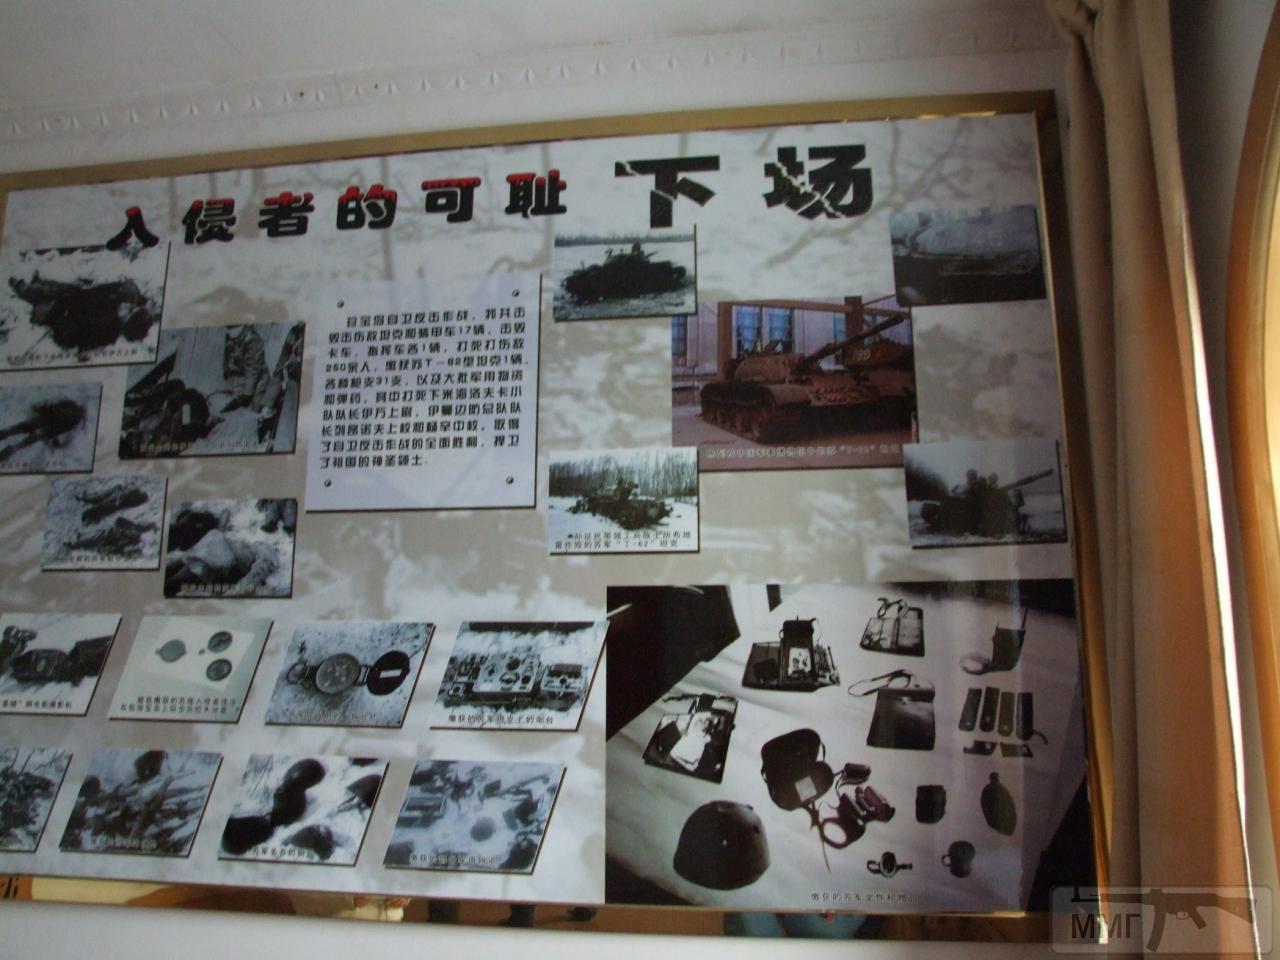 14088 - Военный конфликт СССР и Китая - Остров Даманский 1969 год